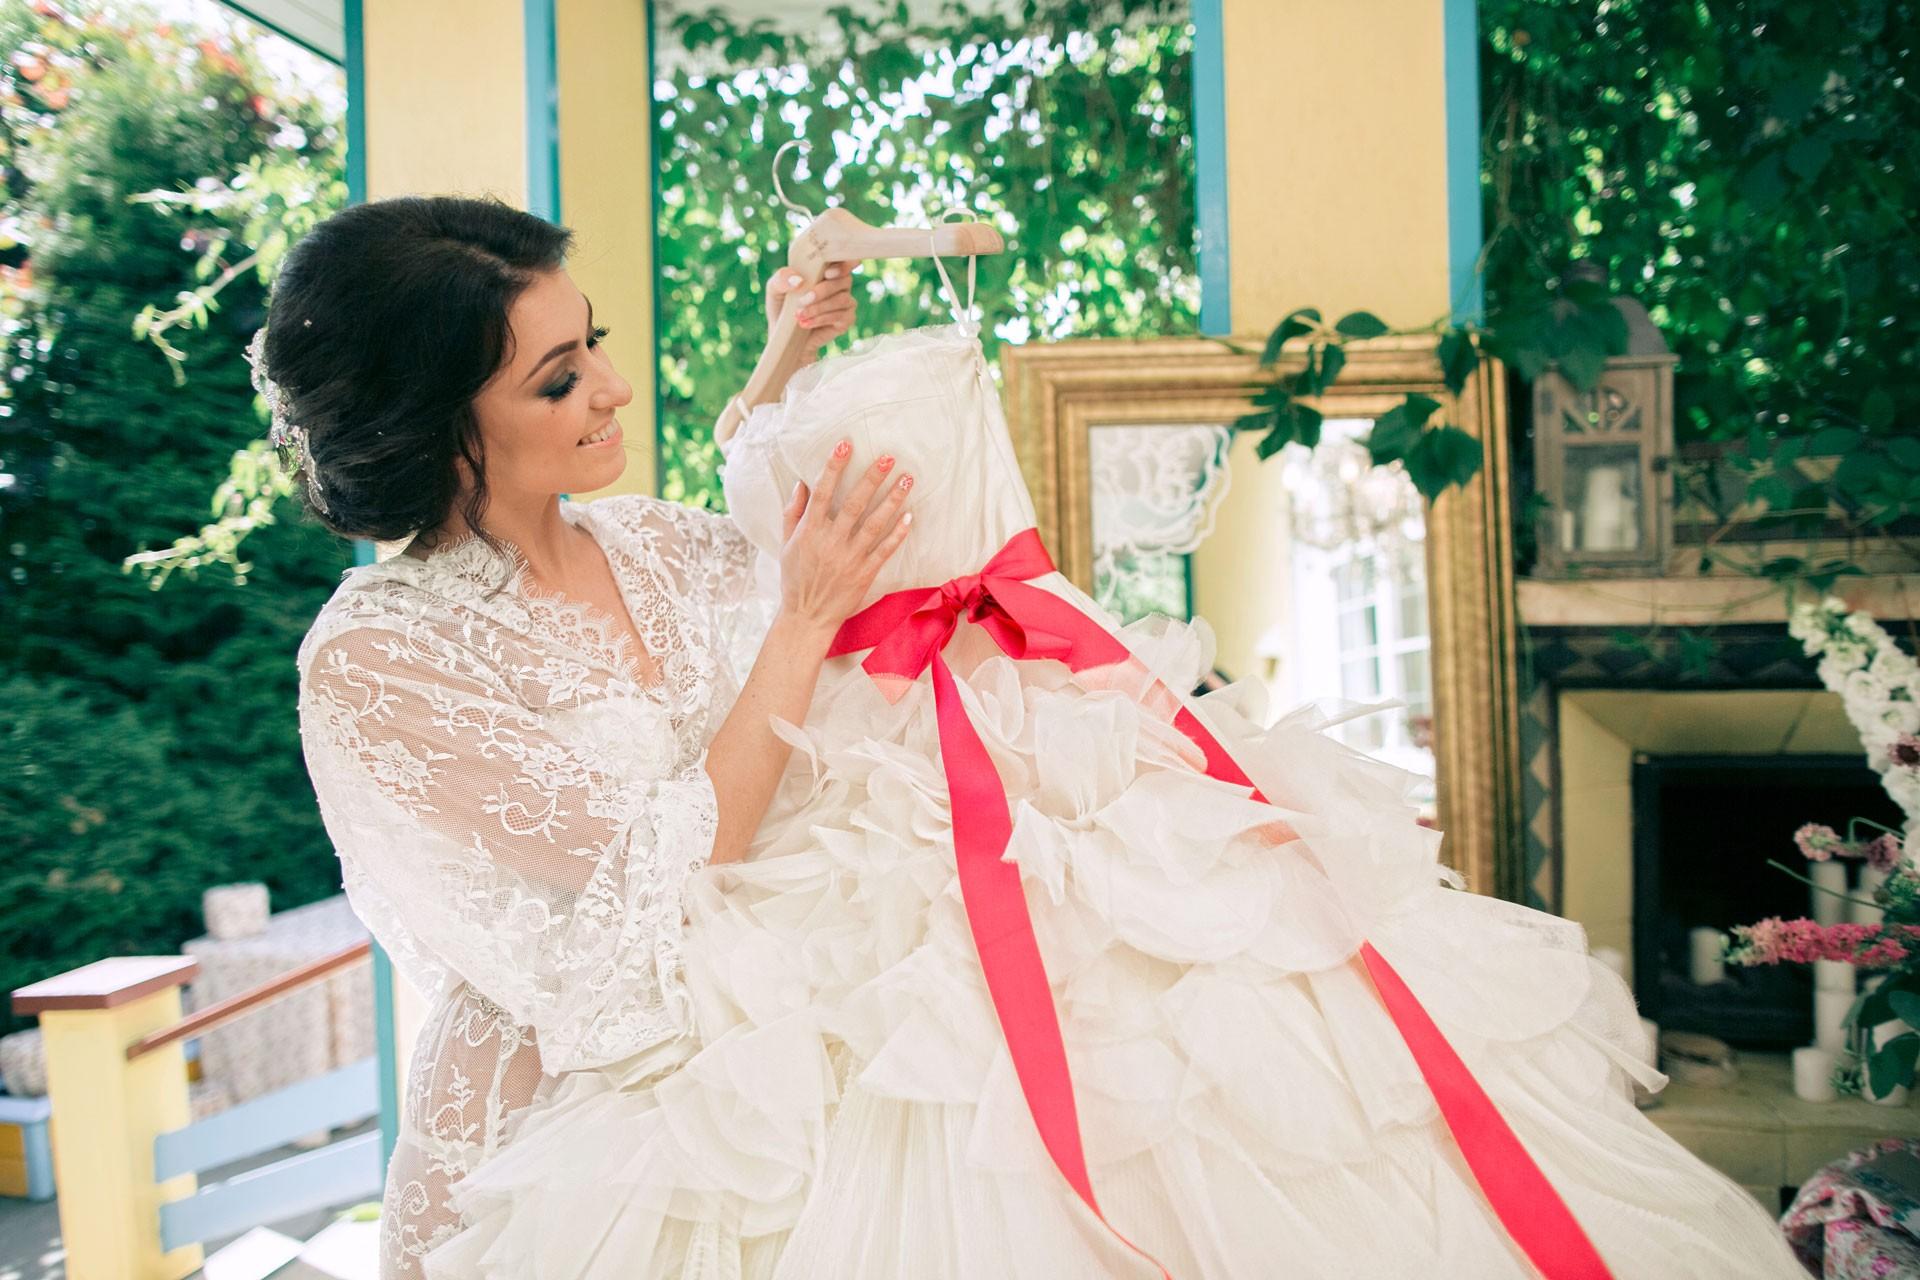 Лилия Горланова: 10 советов невестам от свадебного фотографа и организатора фото 3